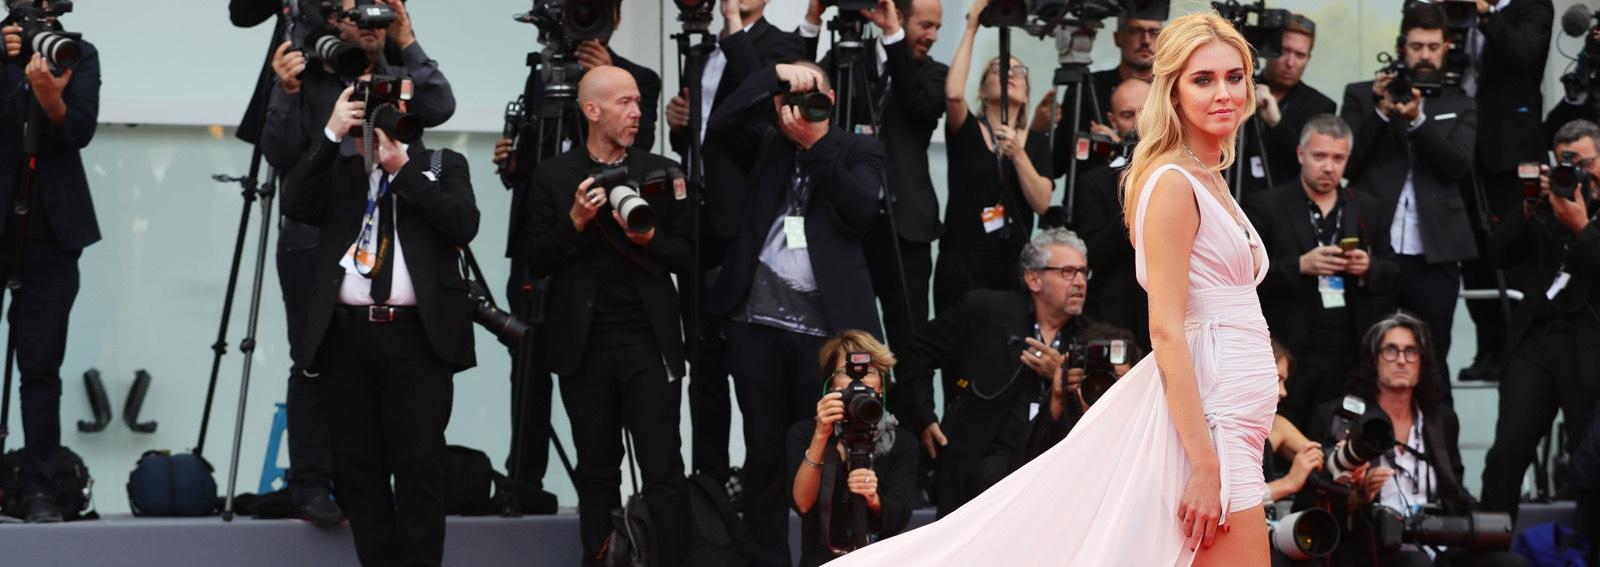 Suburbicon Premiere - 74th Venice Film Festival